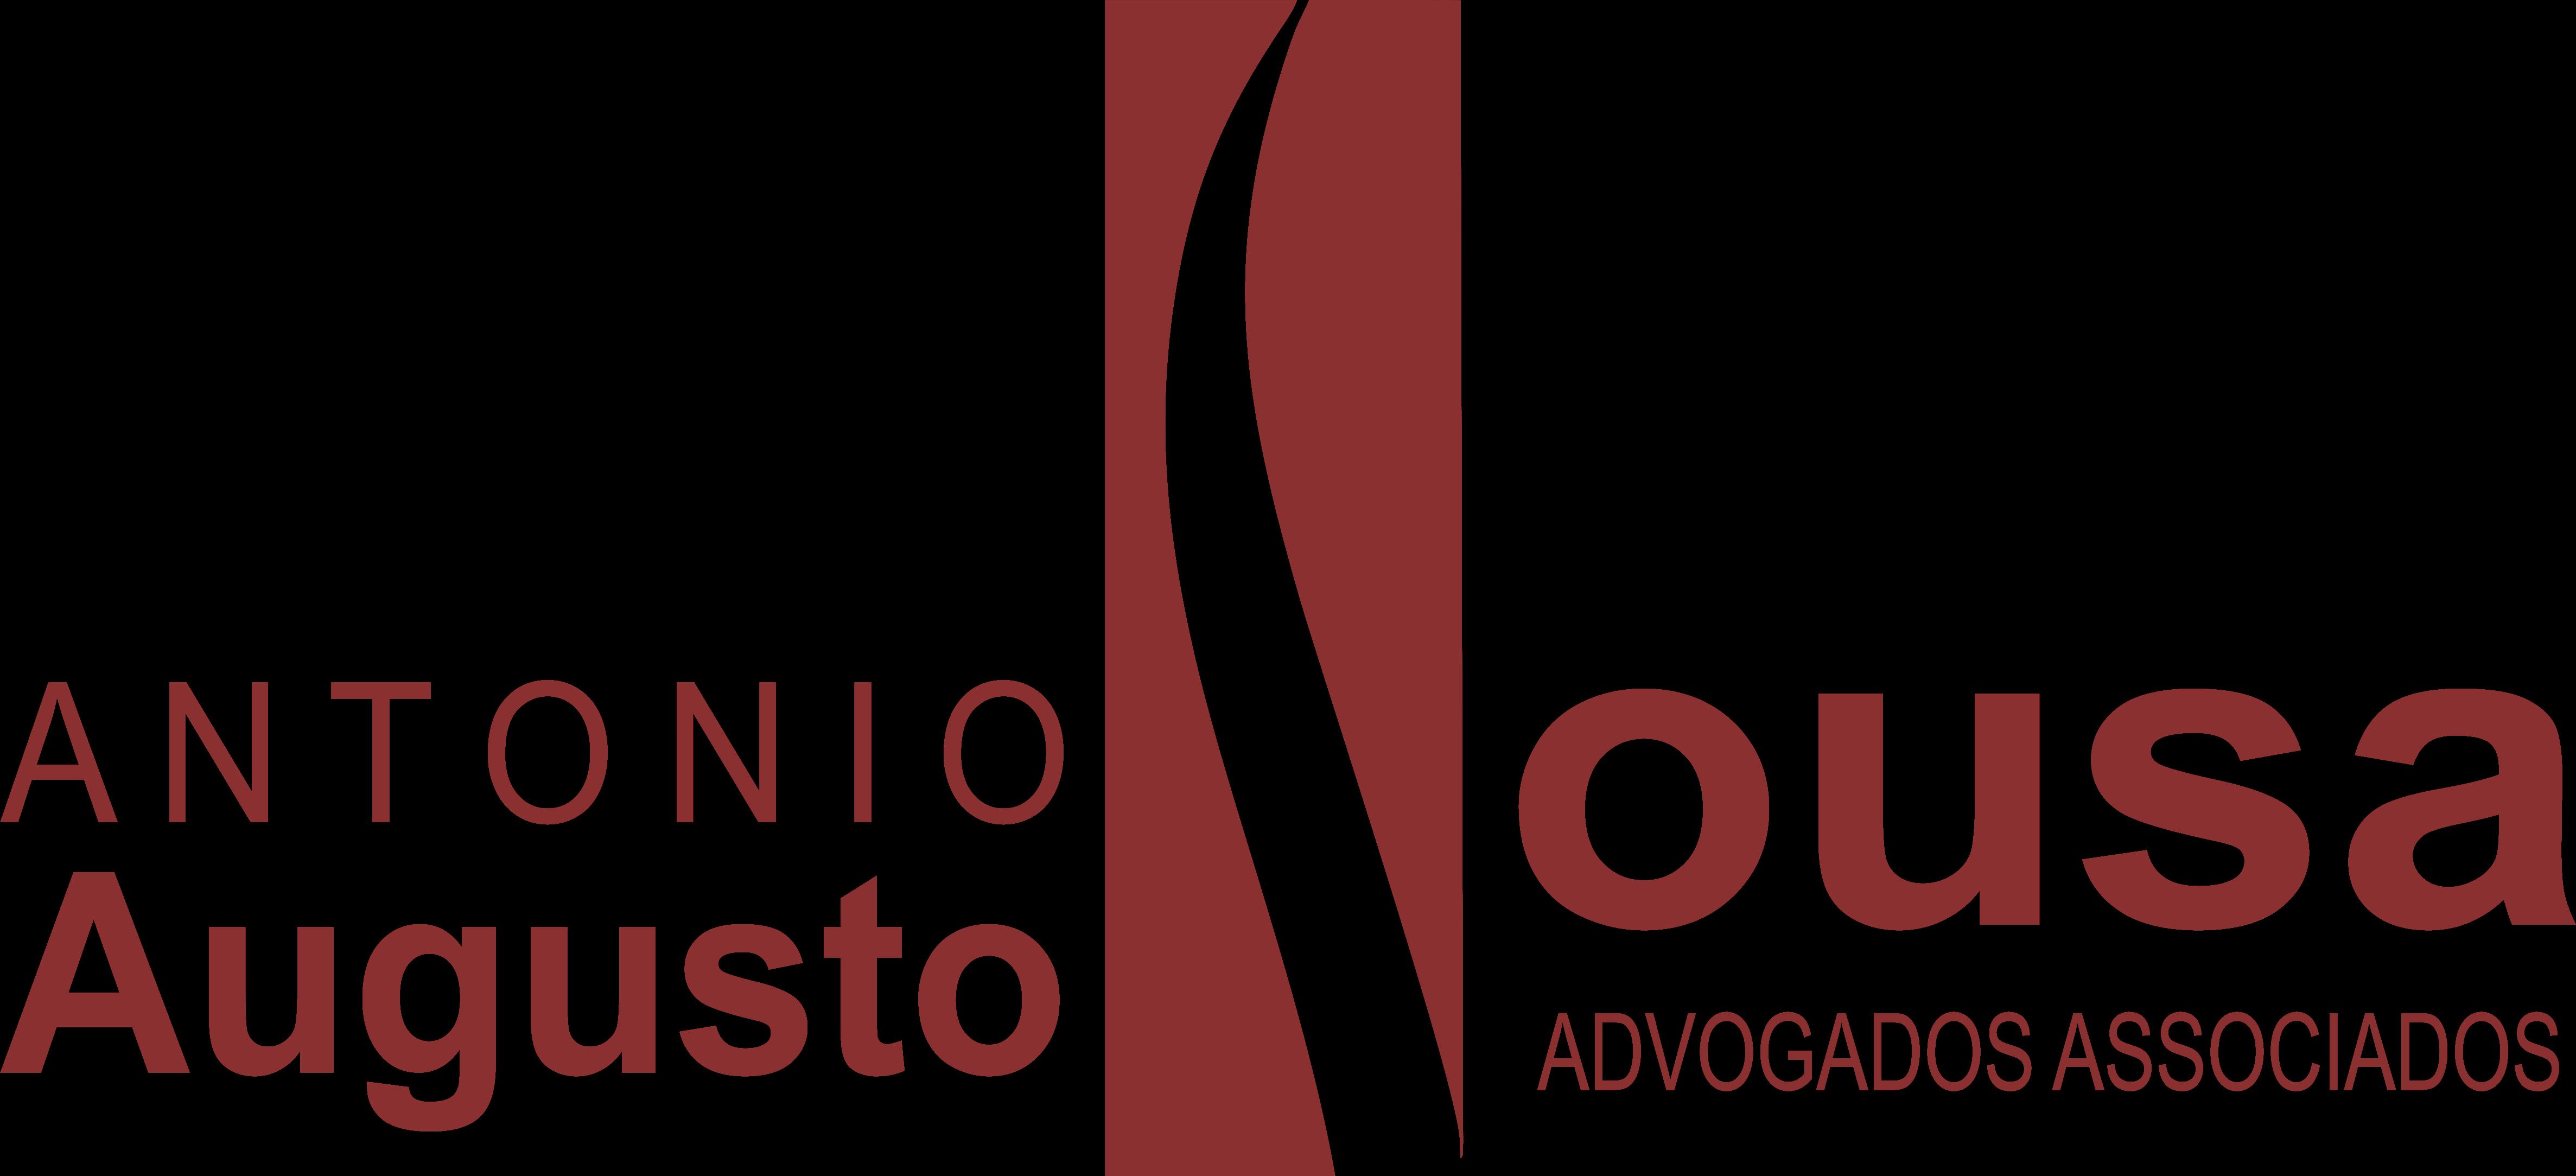 Sousa Augusto Advogados Associados